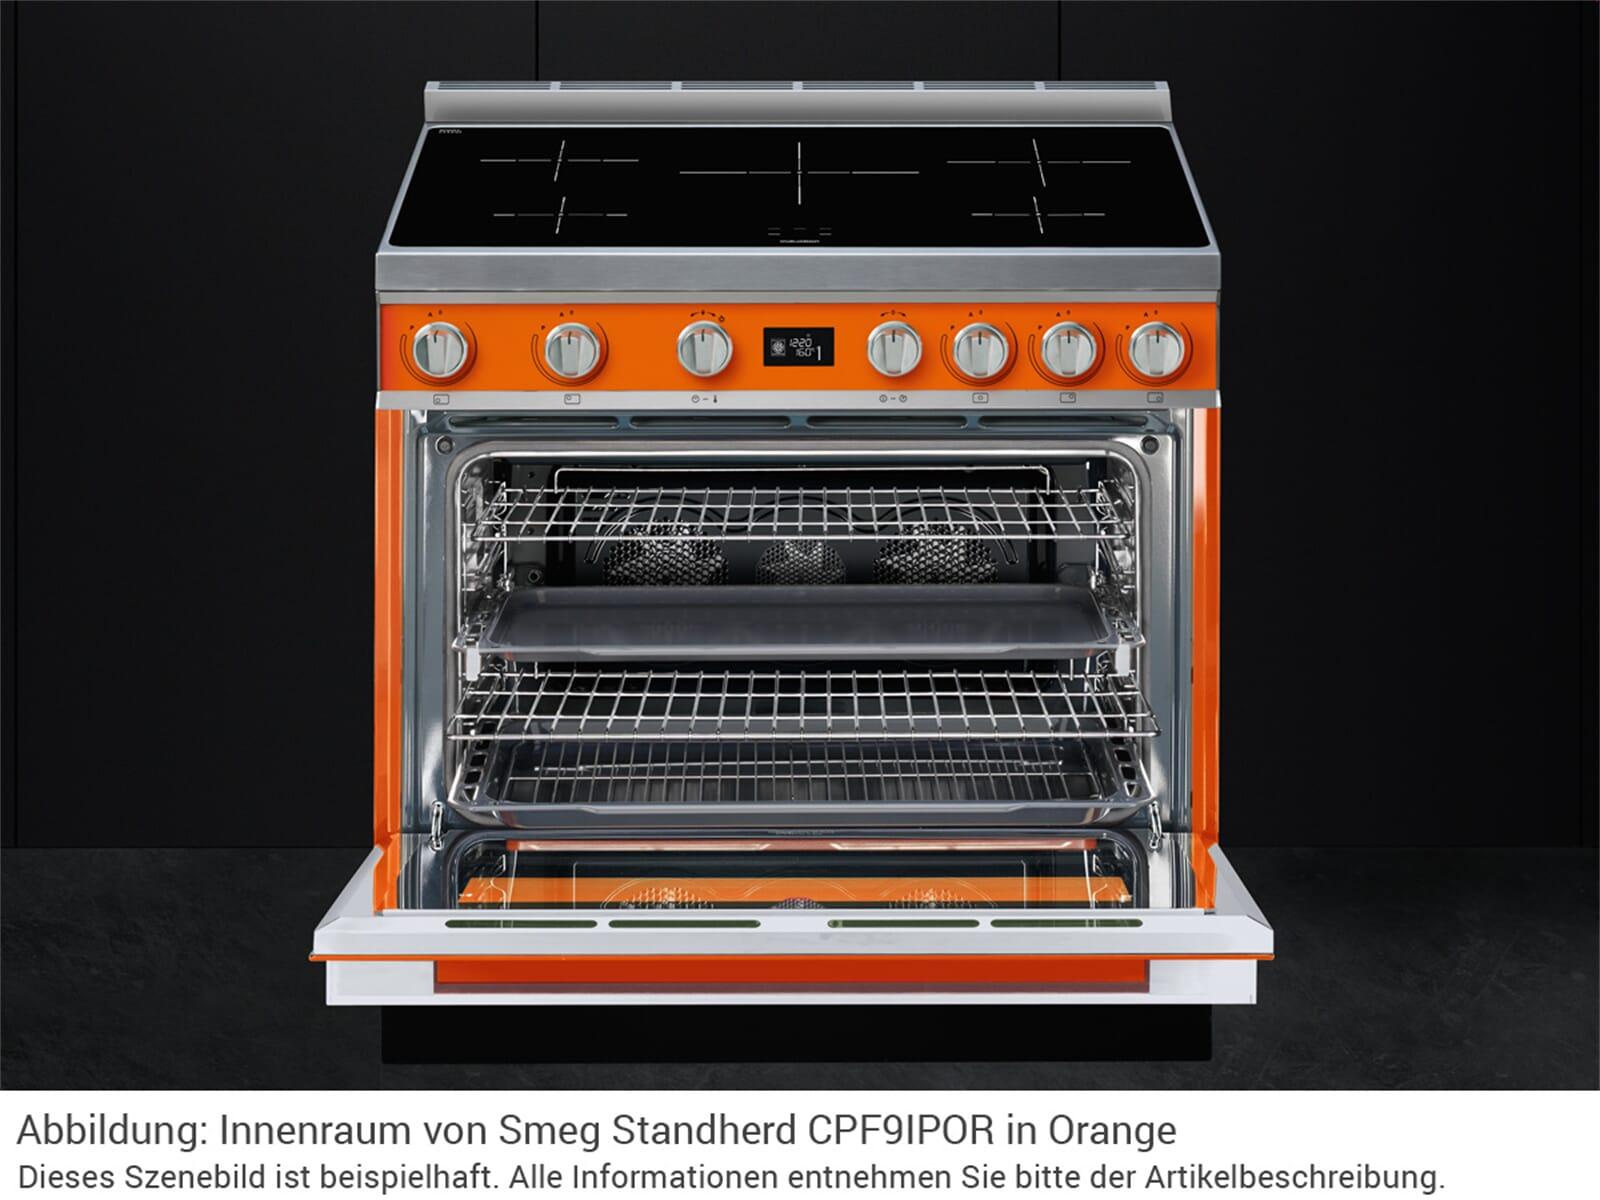 Smeg CPF9IPX Induktion Standherd Edelstahl